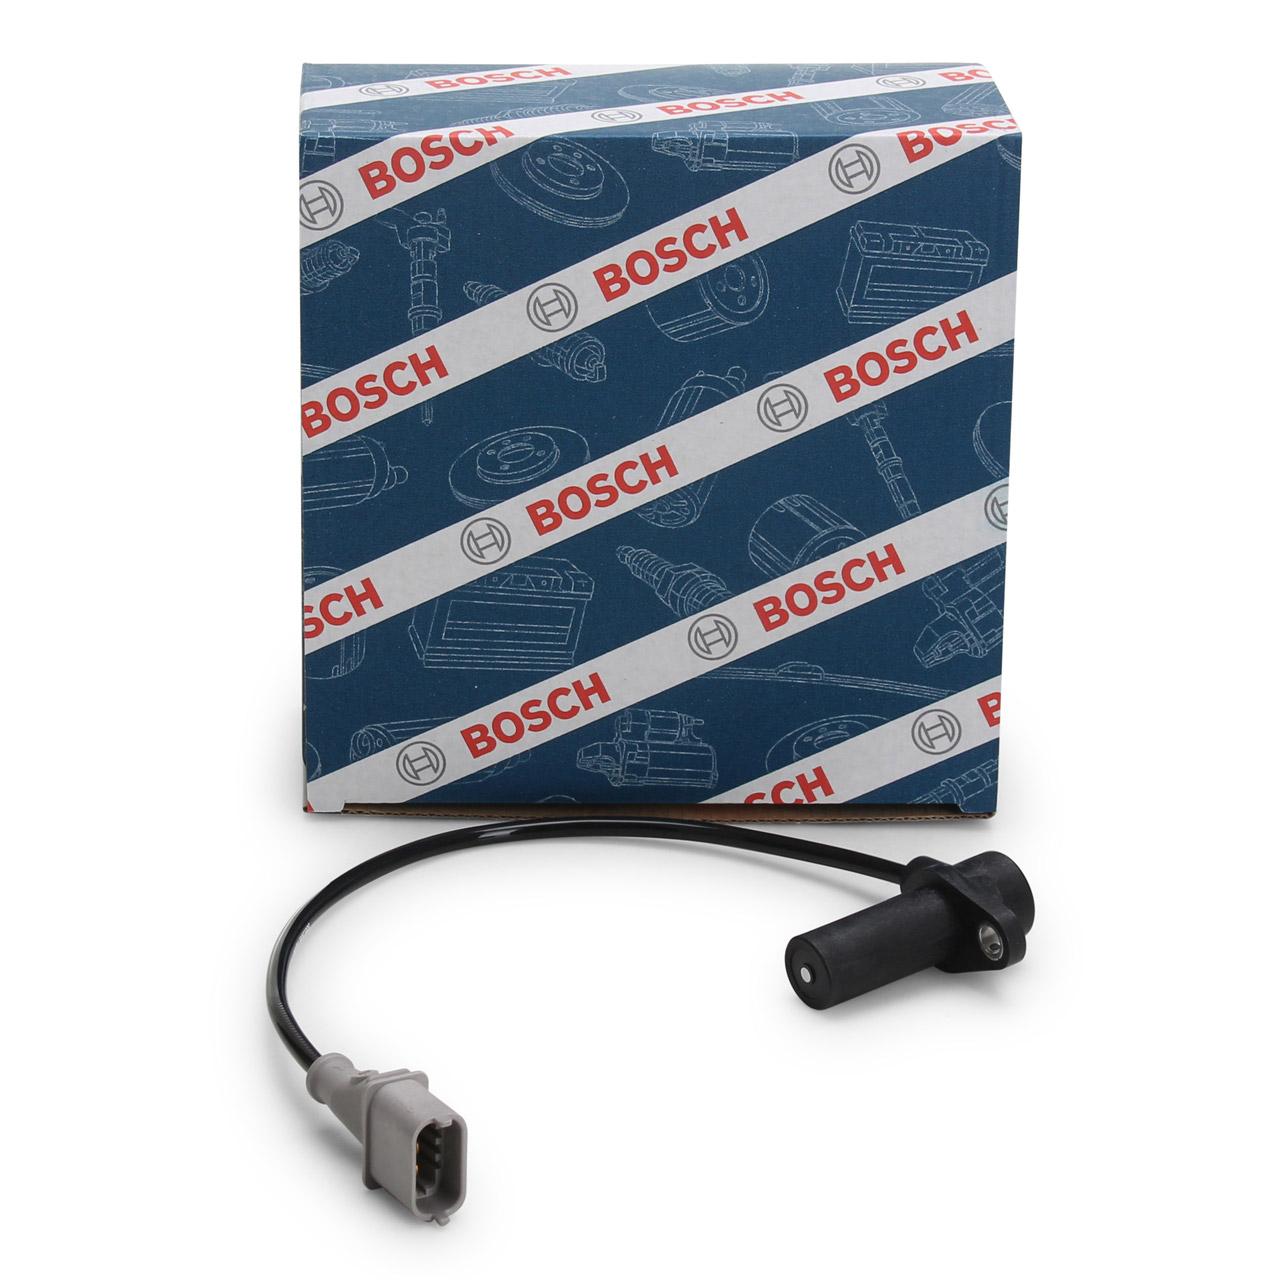 BOSCH 0261210248 Kurbelwellensensor PORSCHE 996 3.6 997 3.6 3.8 Boxster Cayman 986 987